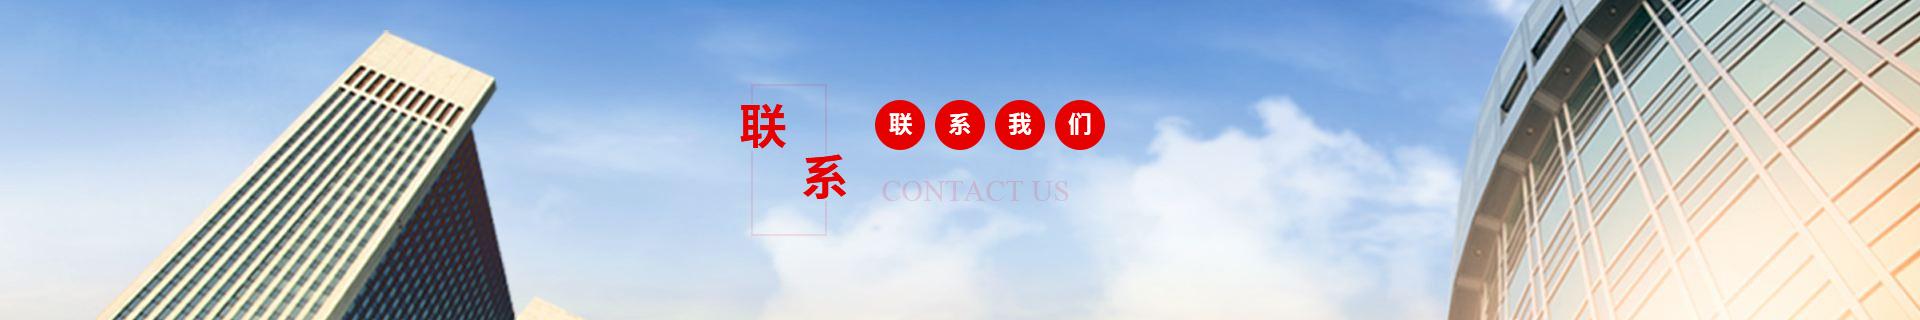 千赢国际官网老虎机:联系我们